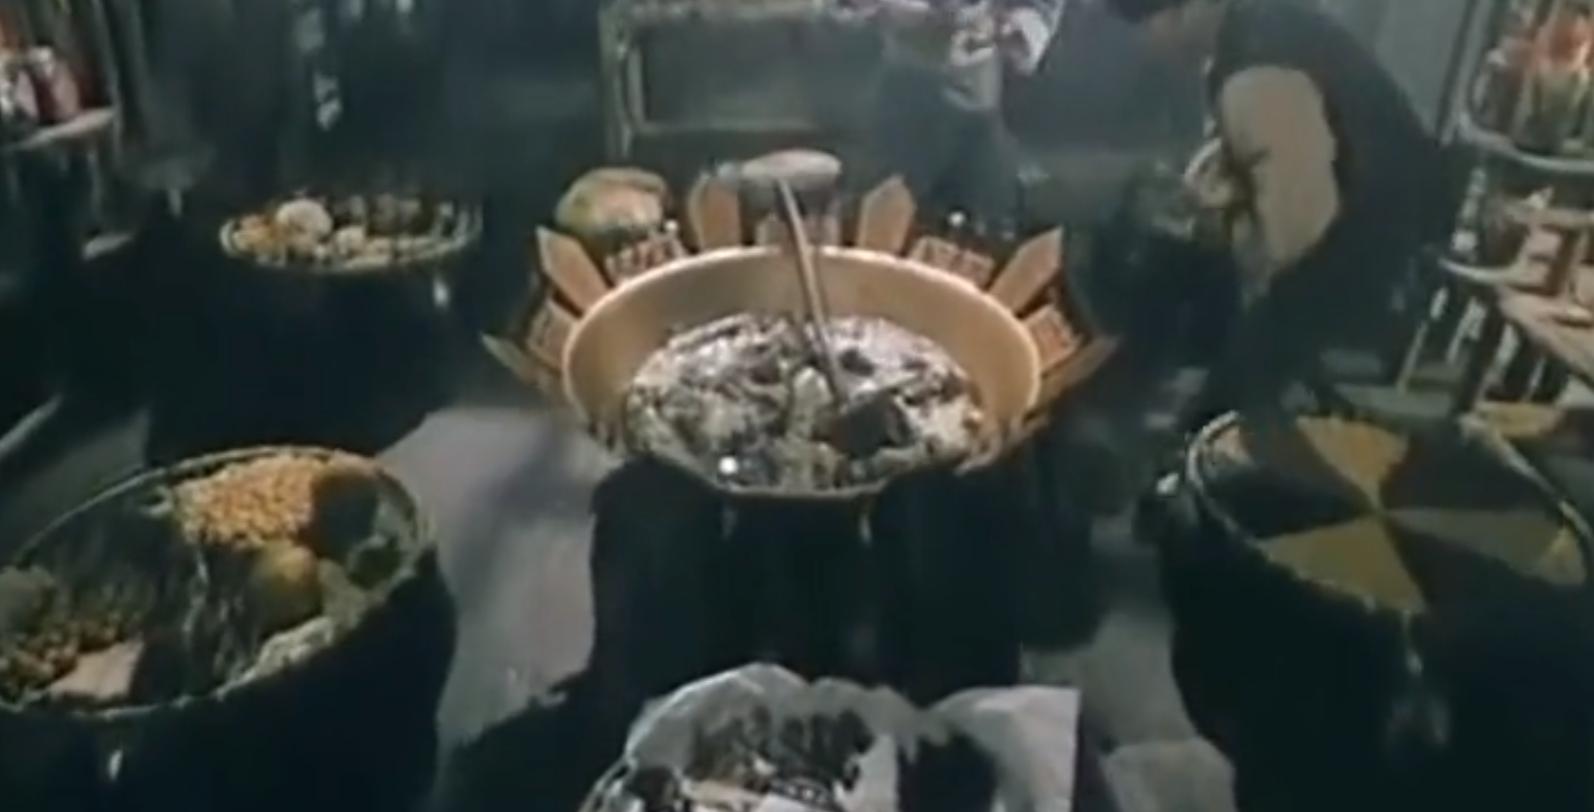 #经典看电影#城里发生几起大事件,九叔一看这是尸妖做的,要用百宝汤